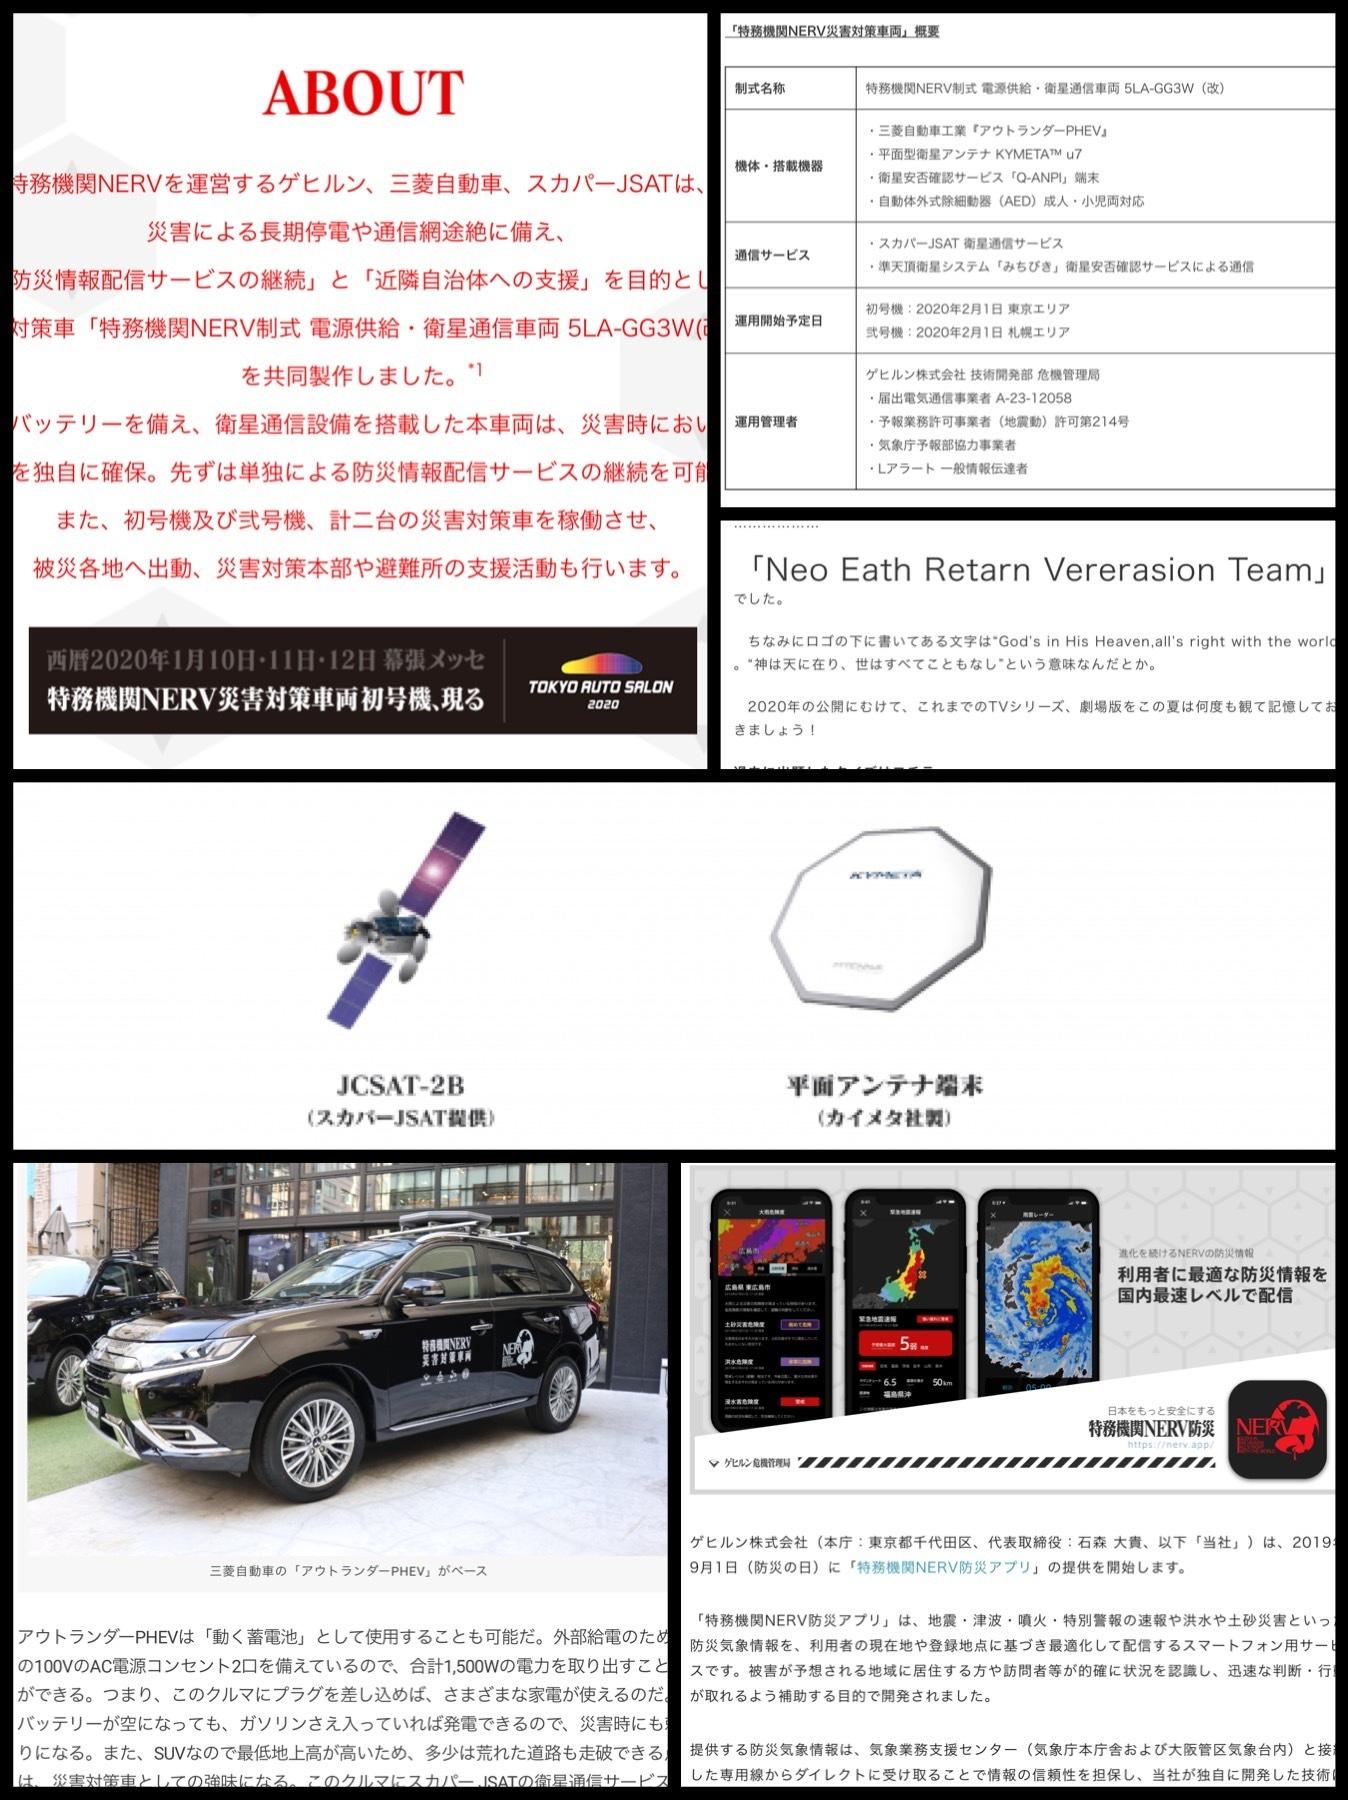 「アウトランダーPHEV」ベースの災害対策車両「特務機関NERV制式電源供給・衛星通信車両 5LA-GG3W(改)」を制作